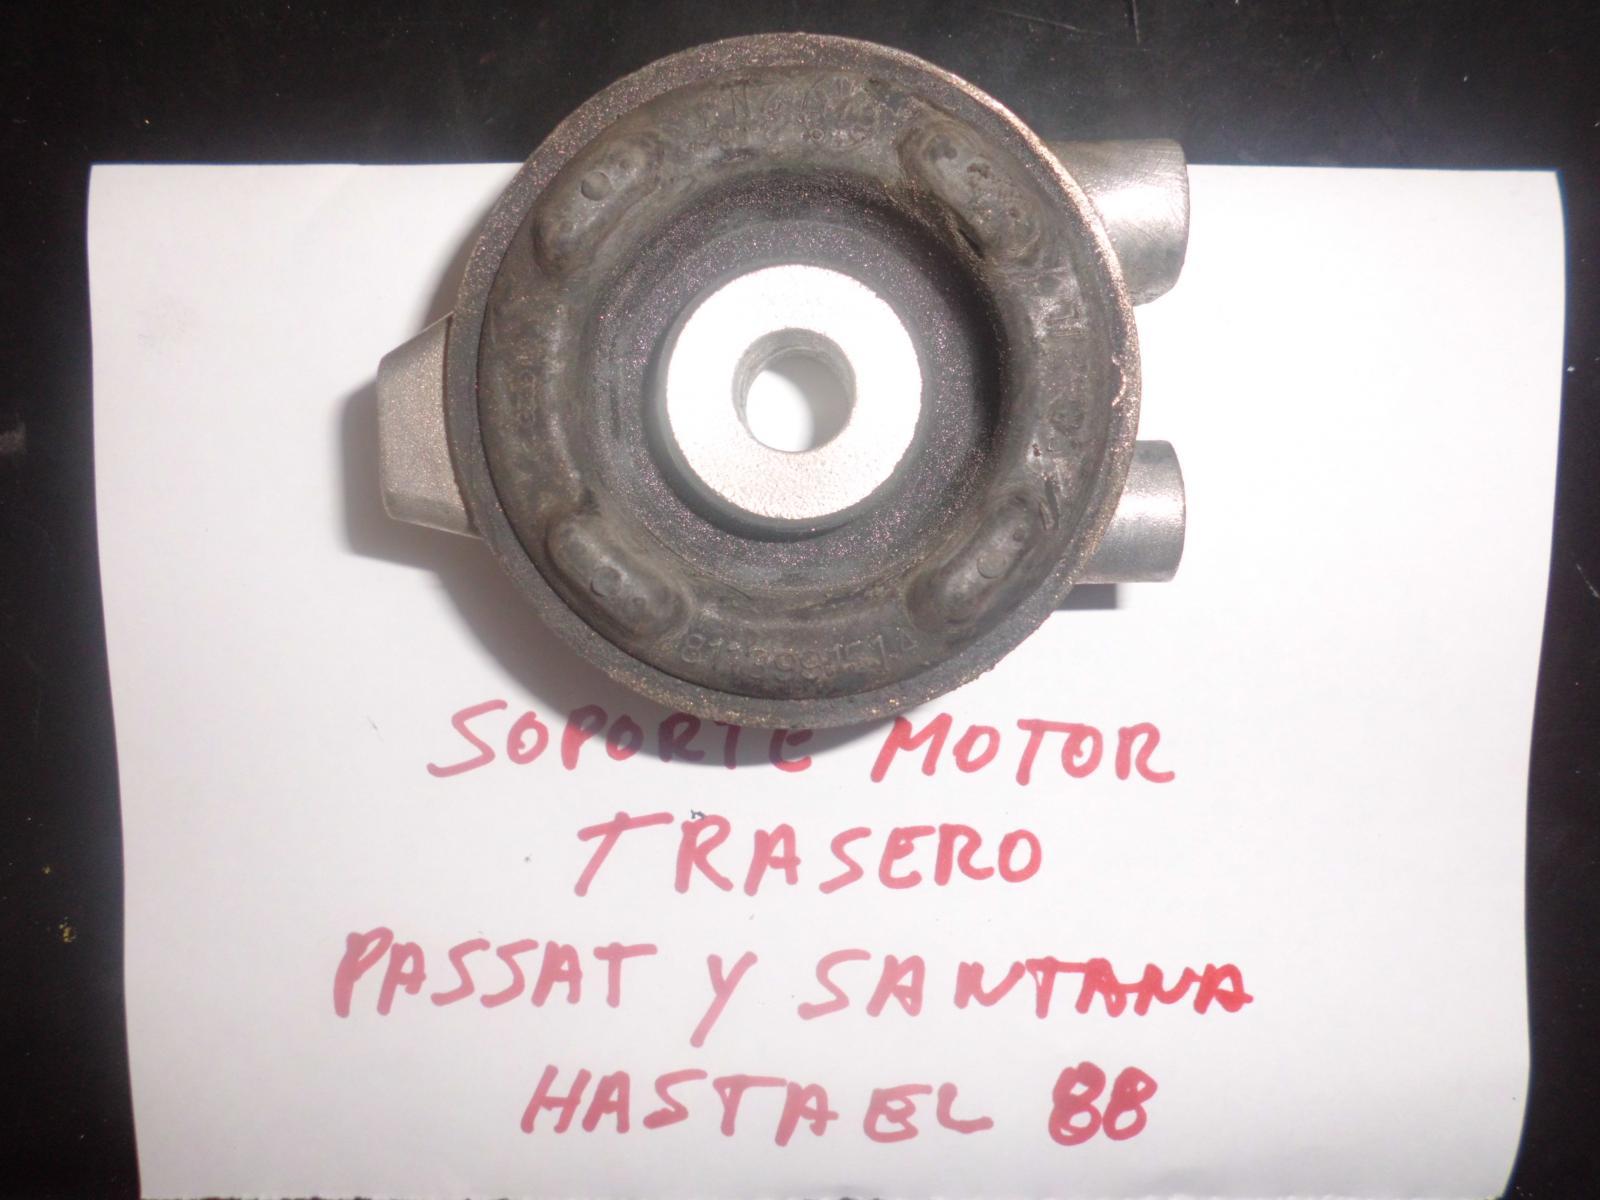 Soporte motor y casquillos del brazo delantero Volskwagen Passat y Santana